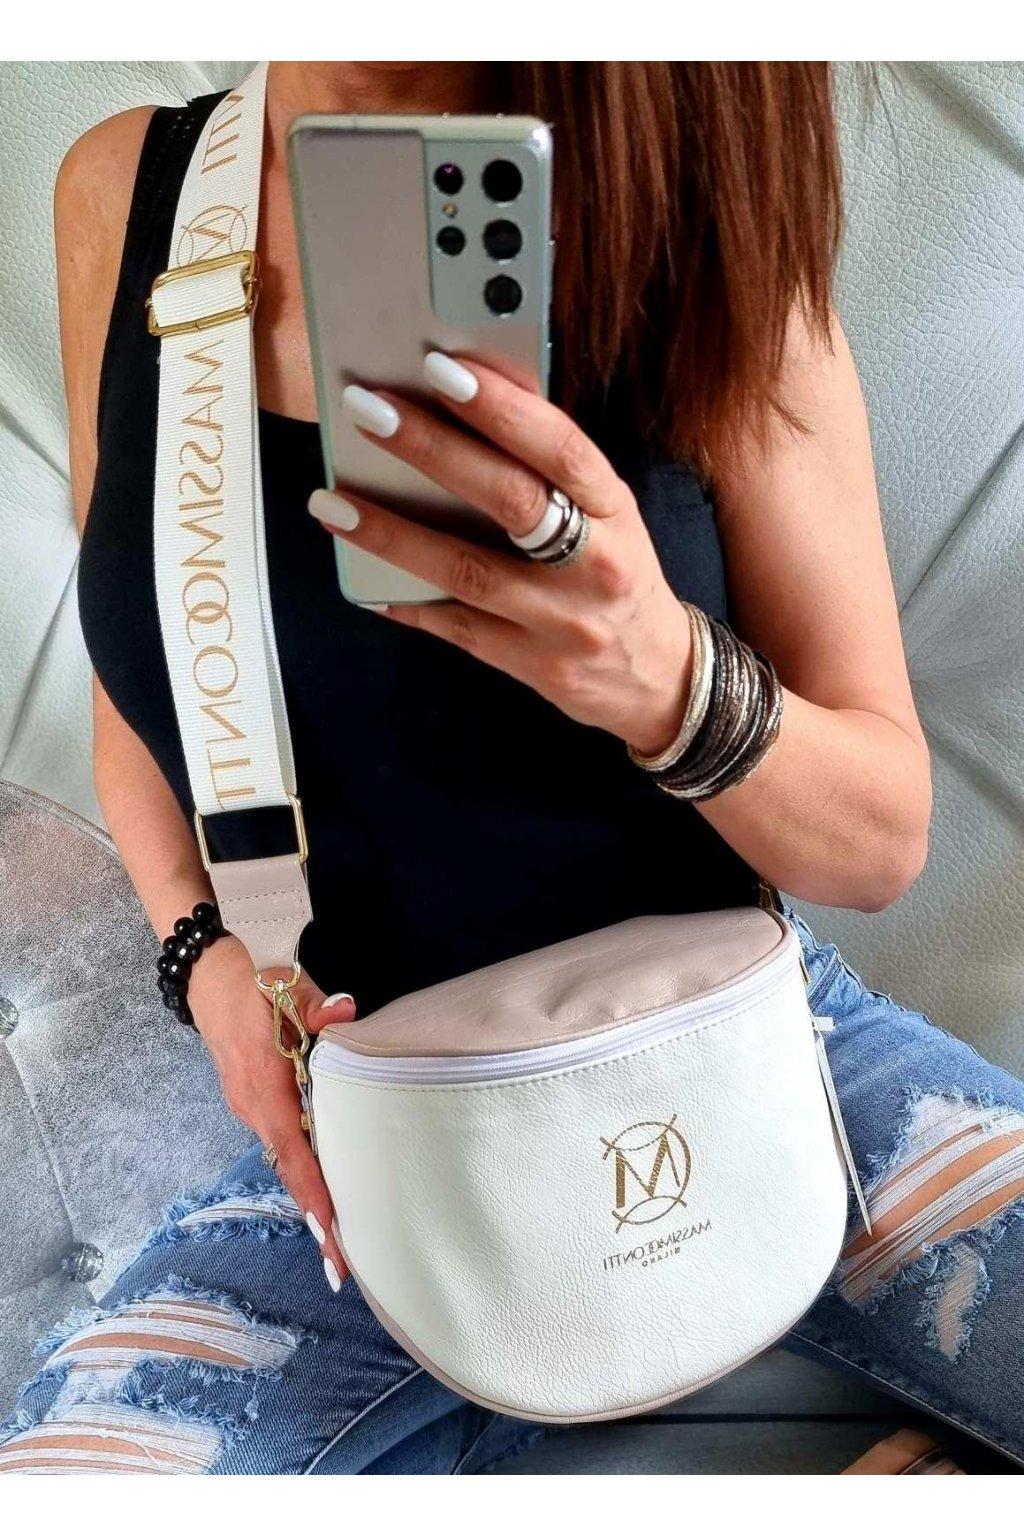 Massimo contti crossbody italy fashion značková luxusní kabelka bílorůžová